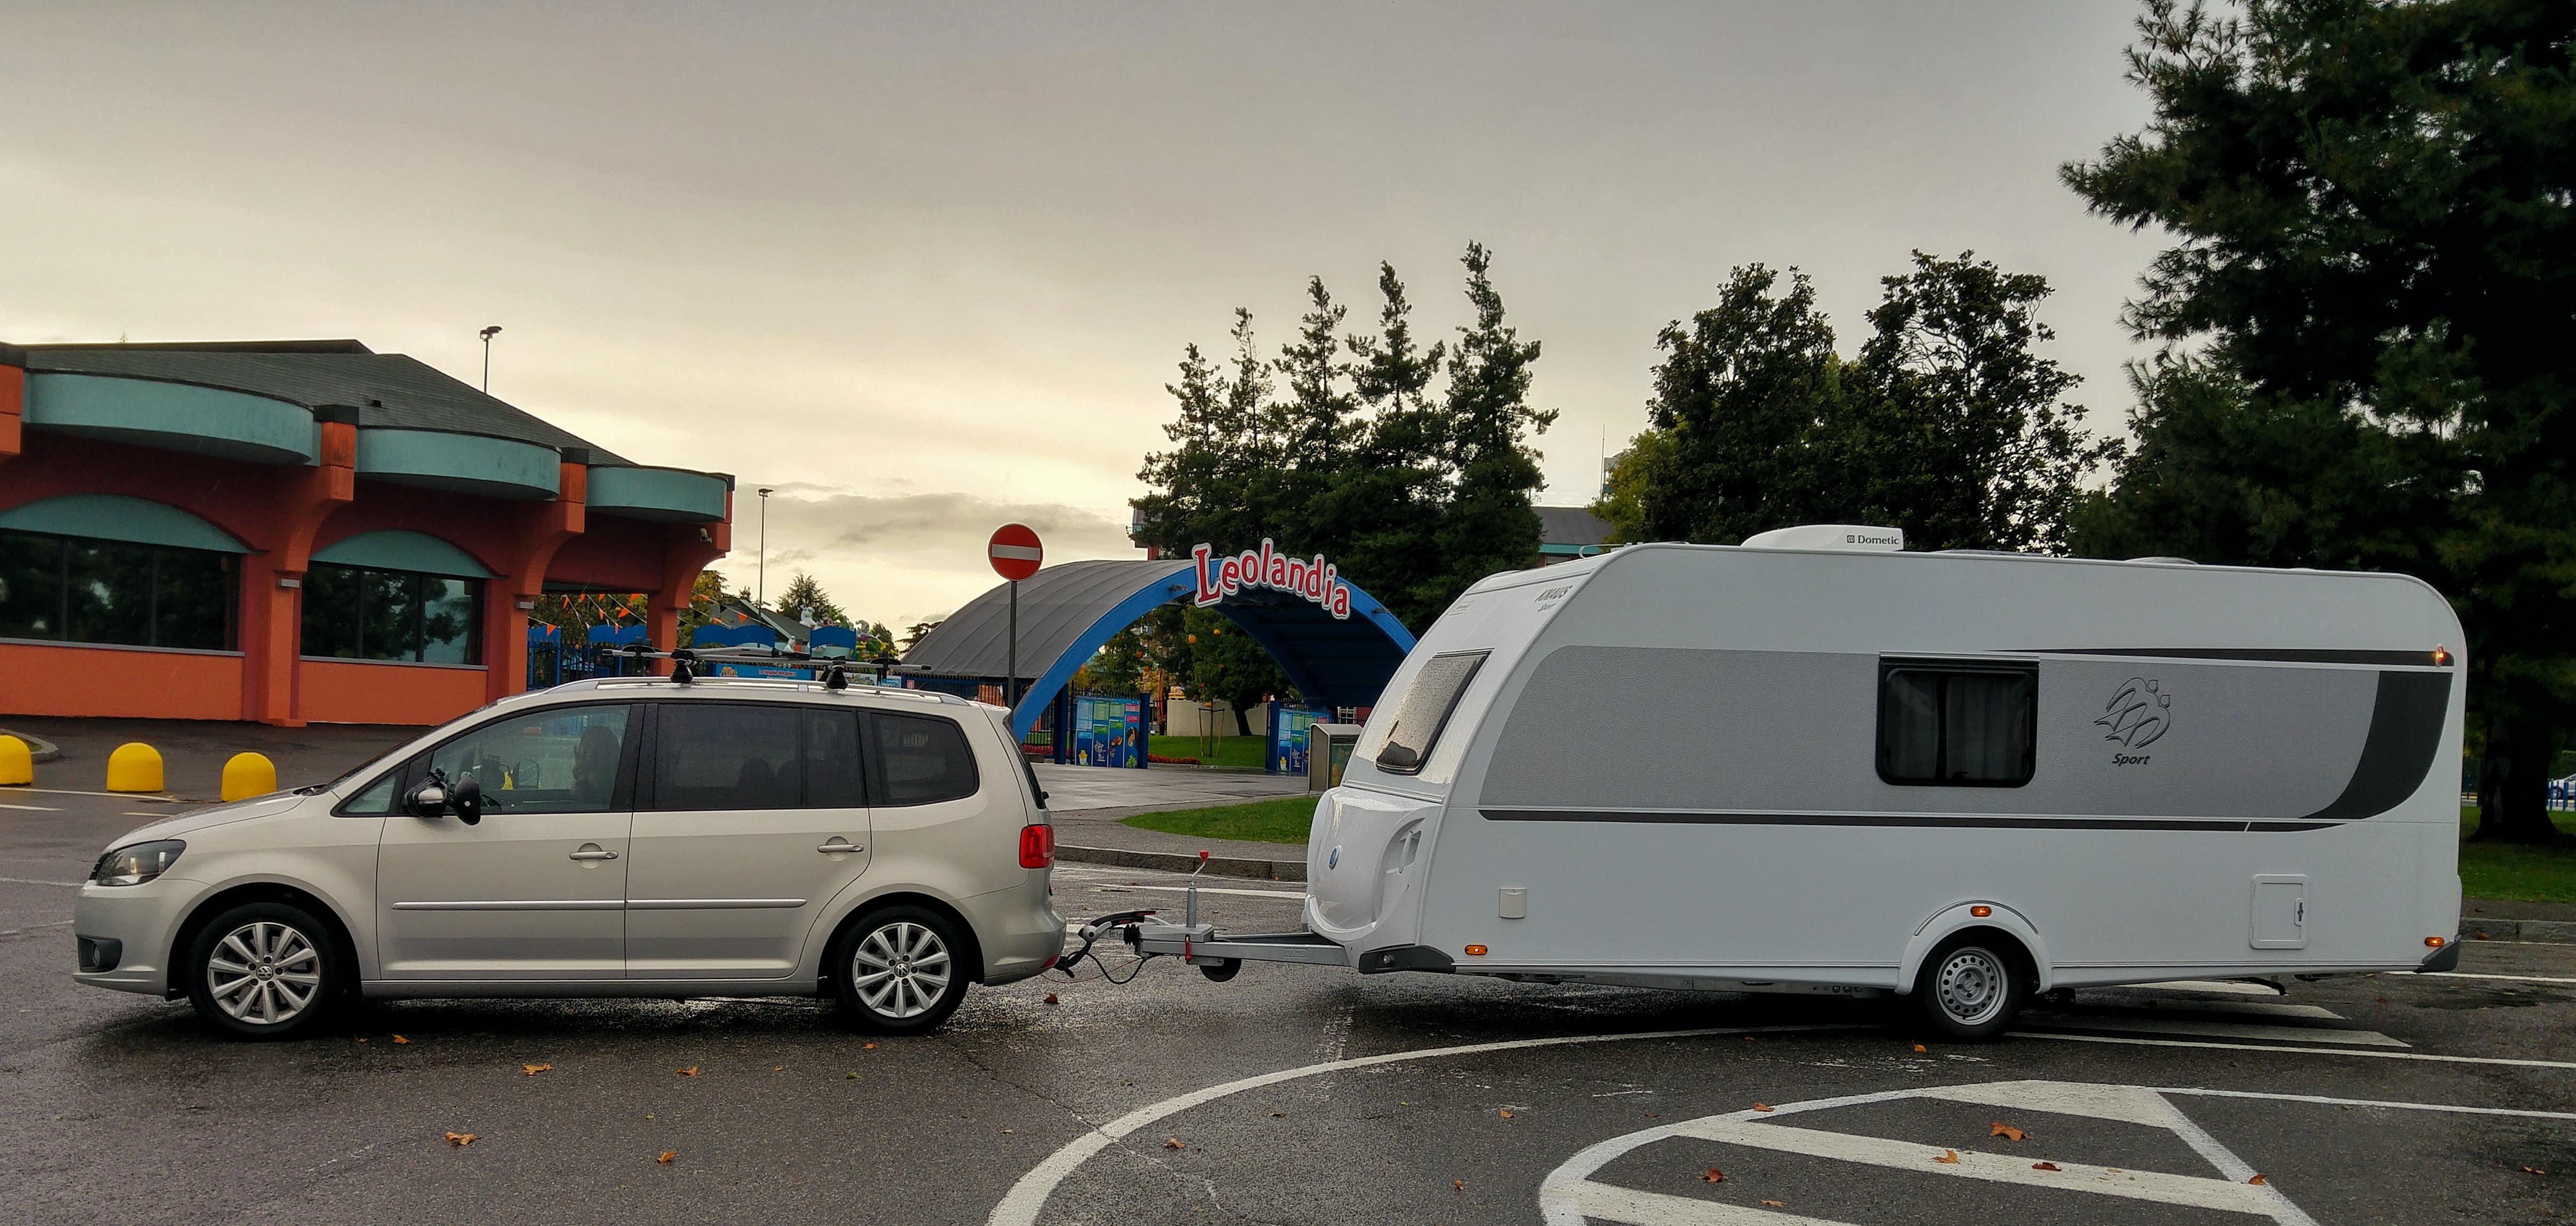 Area sosta Leolandia per camper e caravan